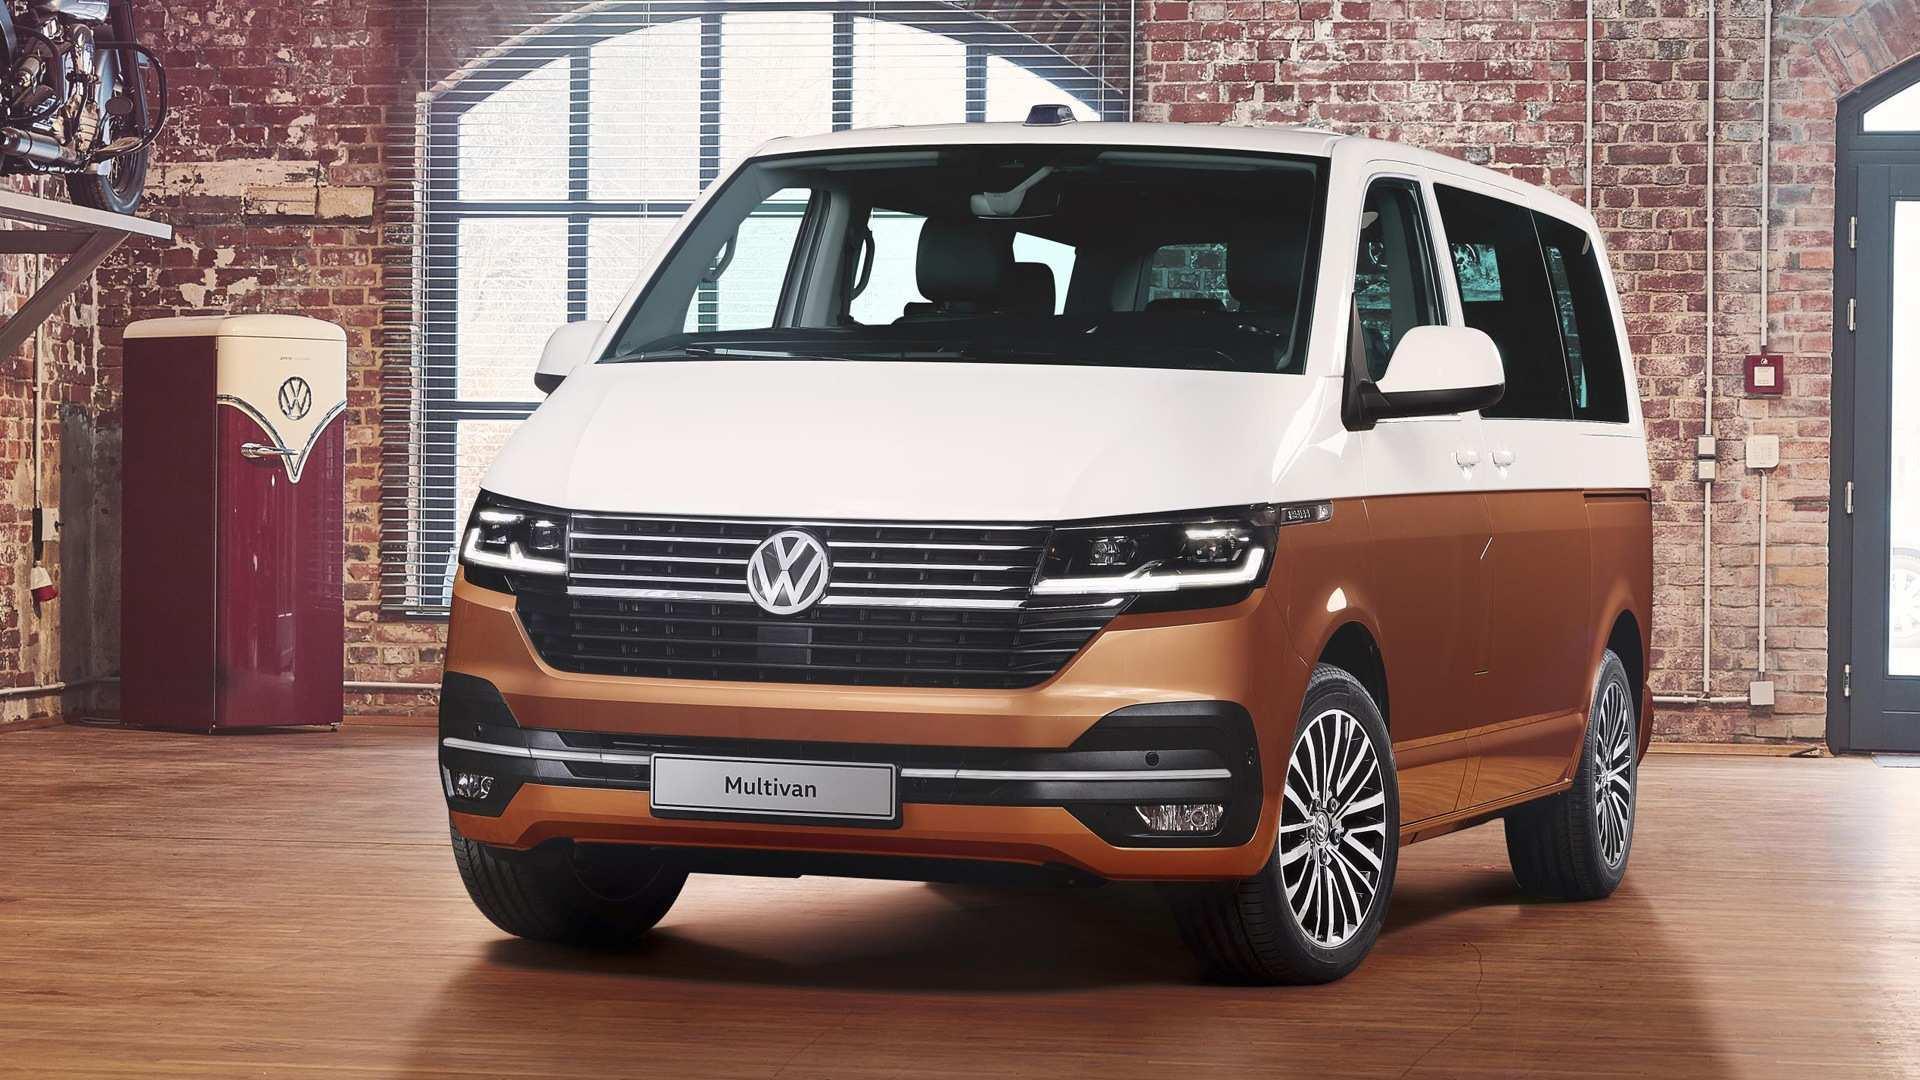 89 New Volkswagen Van 2020 Price Interior by Volkswagen Van 2020 Price